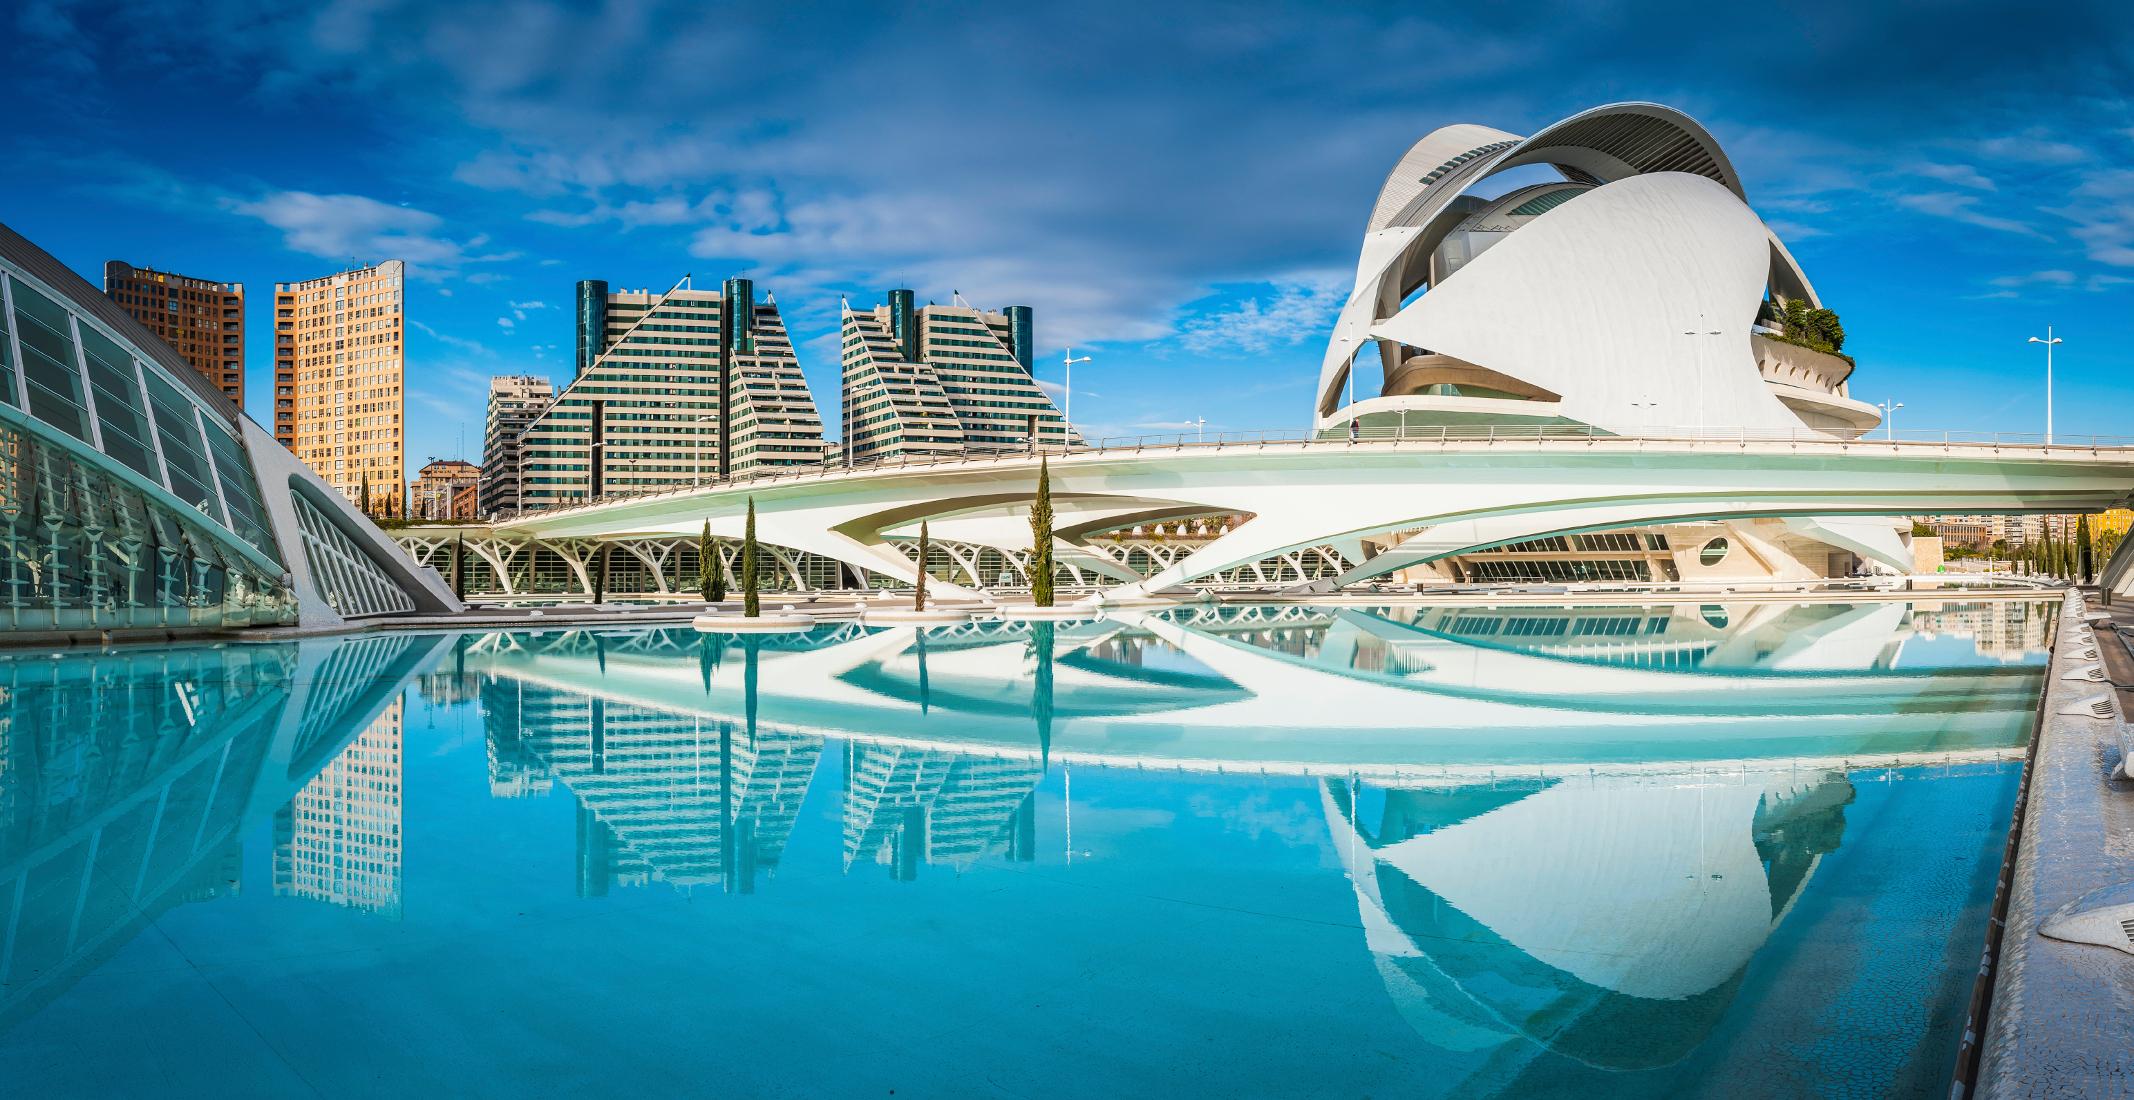 Valencia Travel Day Tours